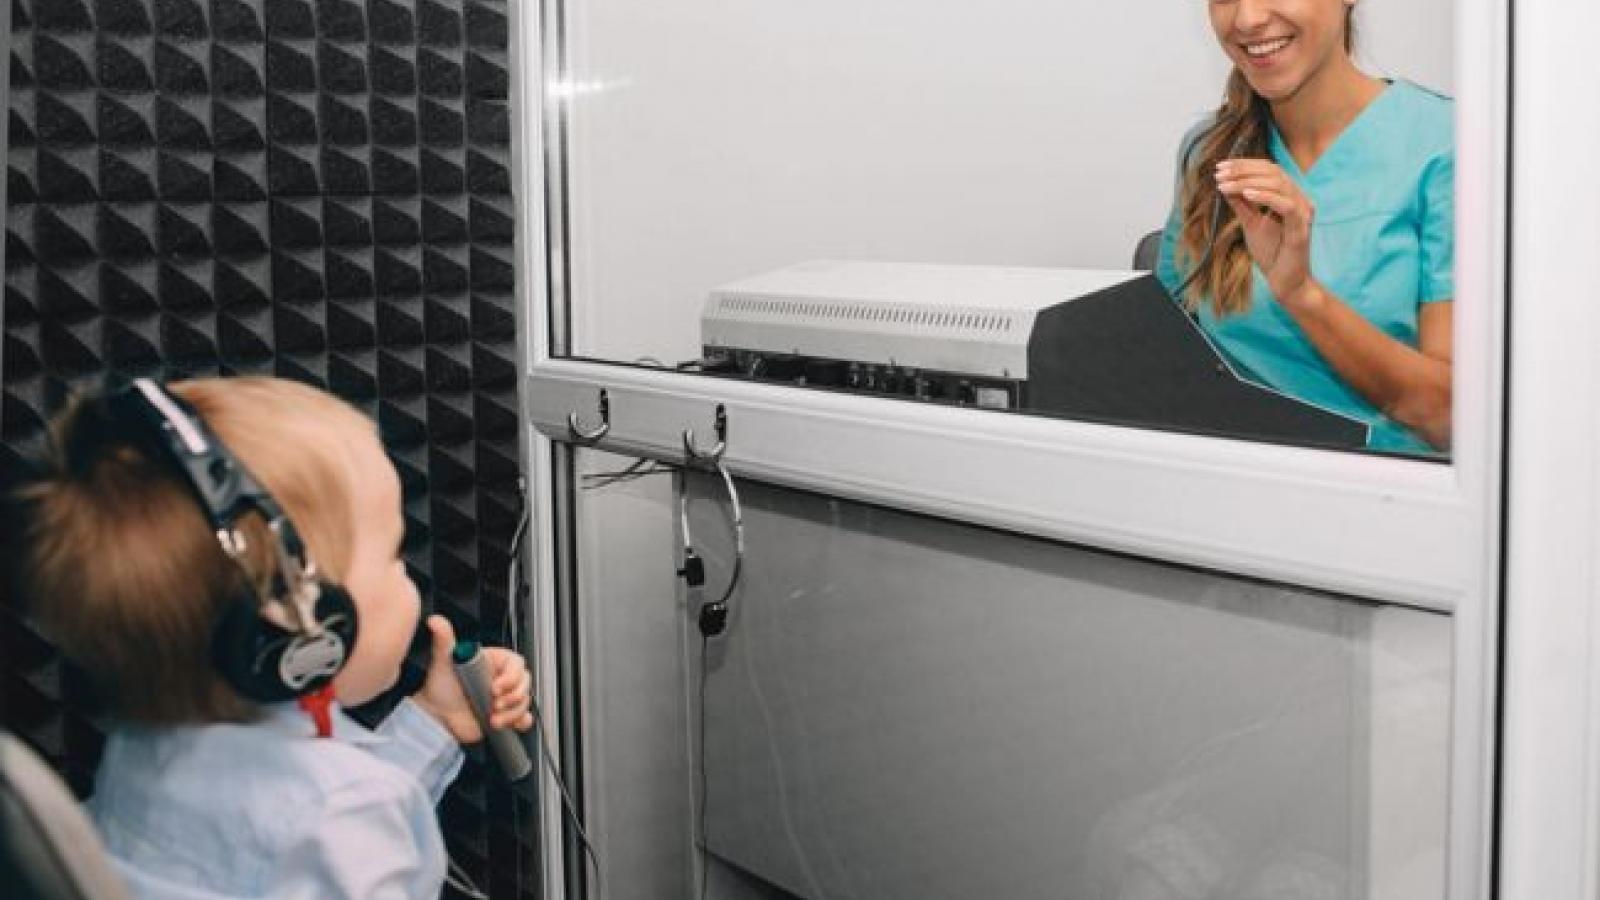 Dấu hiệu khiếm thính ở trẻ sơ sinh và trẻ nhỏ